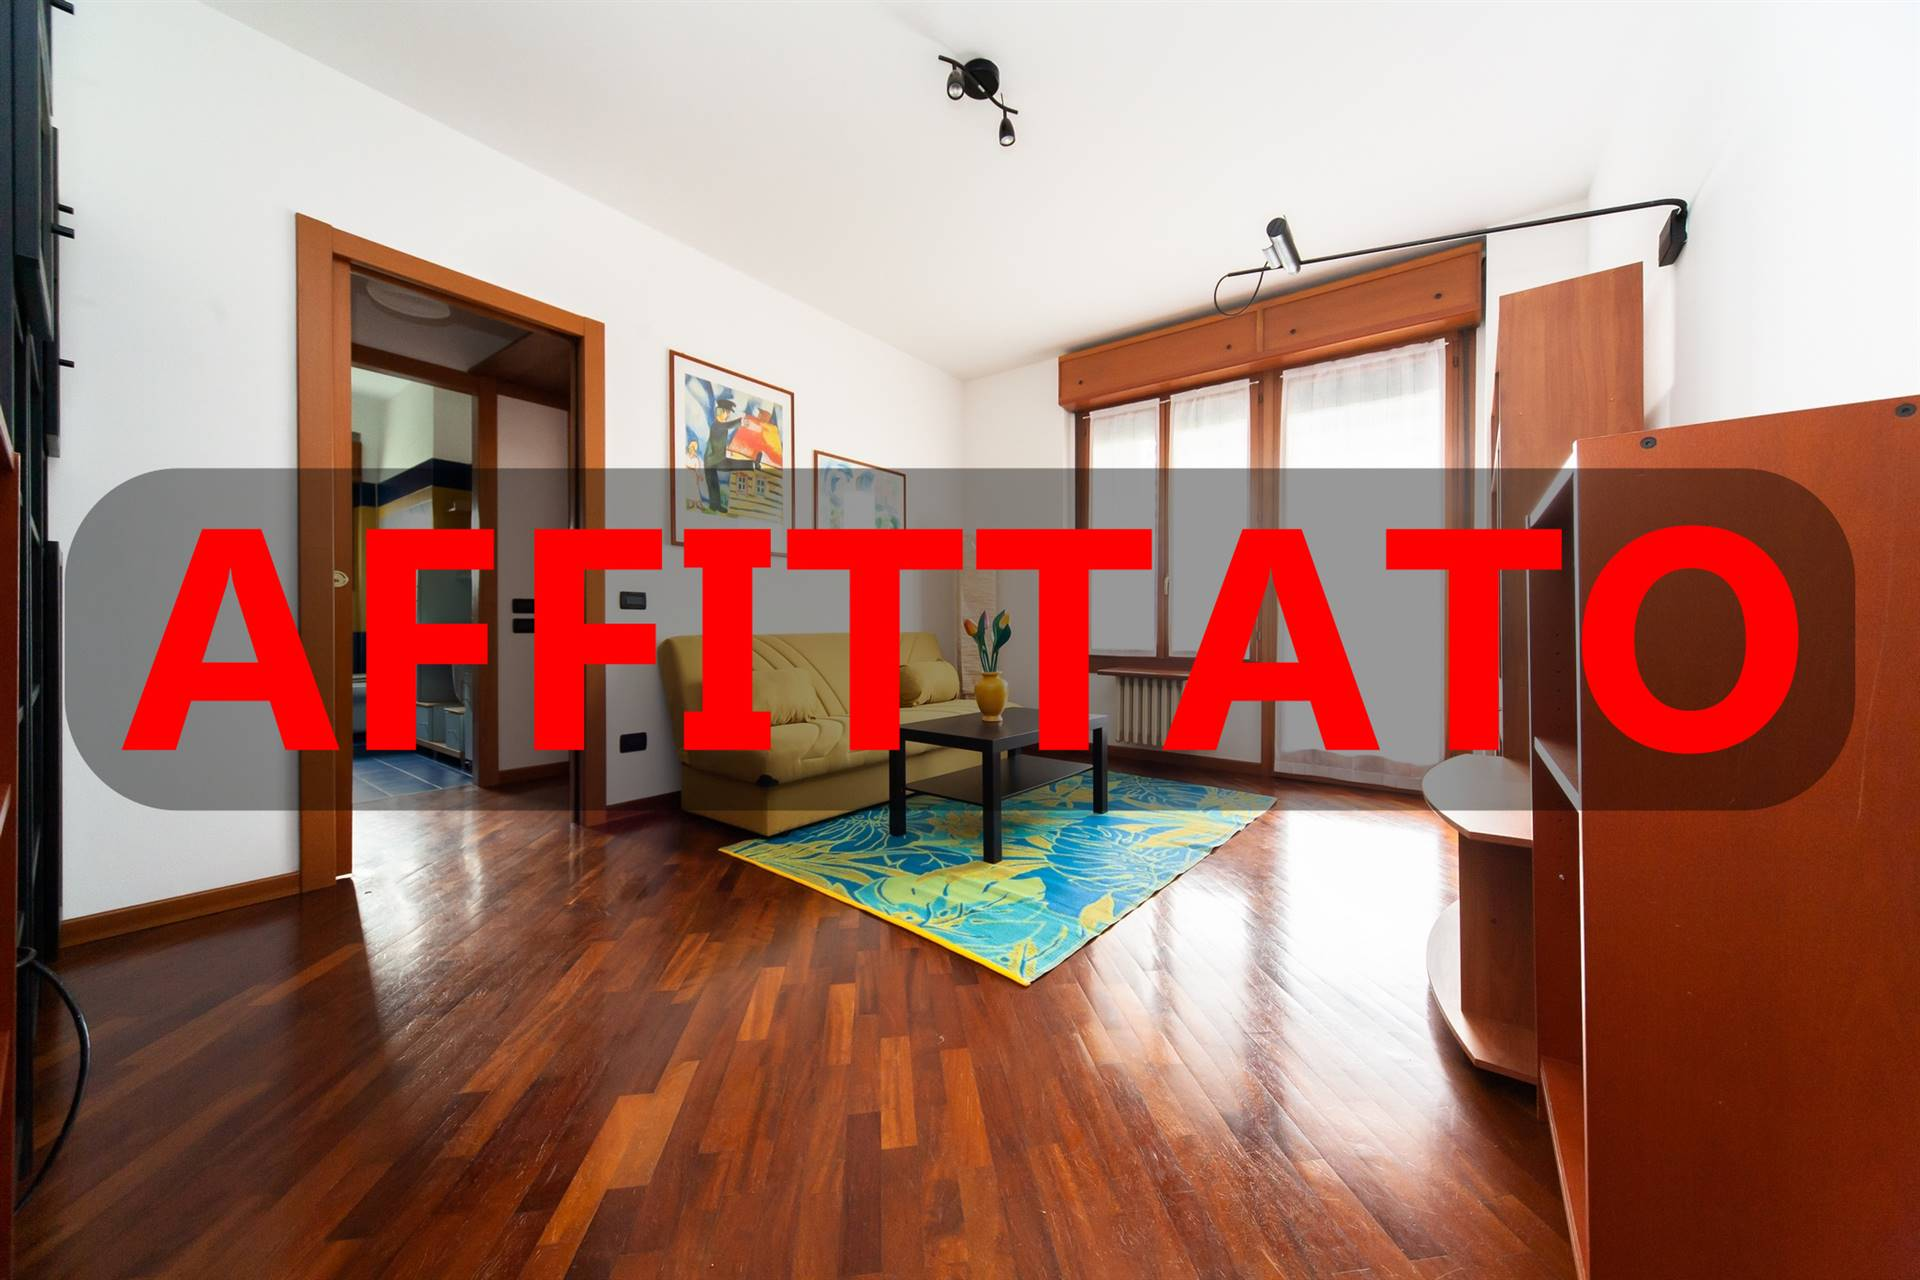 Appartamento in affitto a Monza, 2 locali, zona Zona: 3 . Via Libertà, Cederna, San Albino, prezzo € 650 | CambioCasa.it